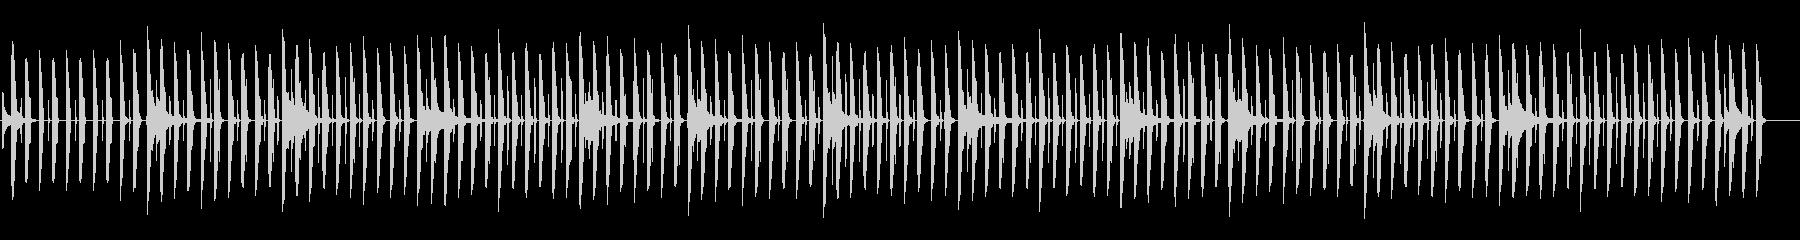 かわいいシンキング/ギター/教育番組4の未再生の波形